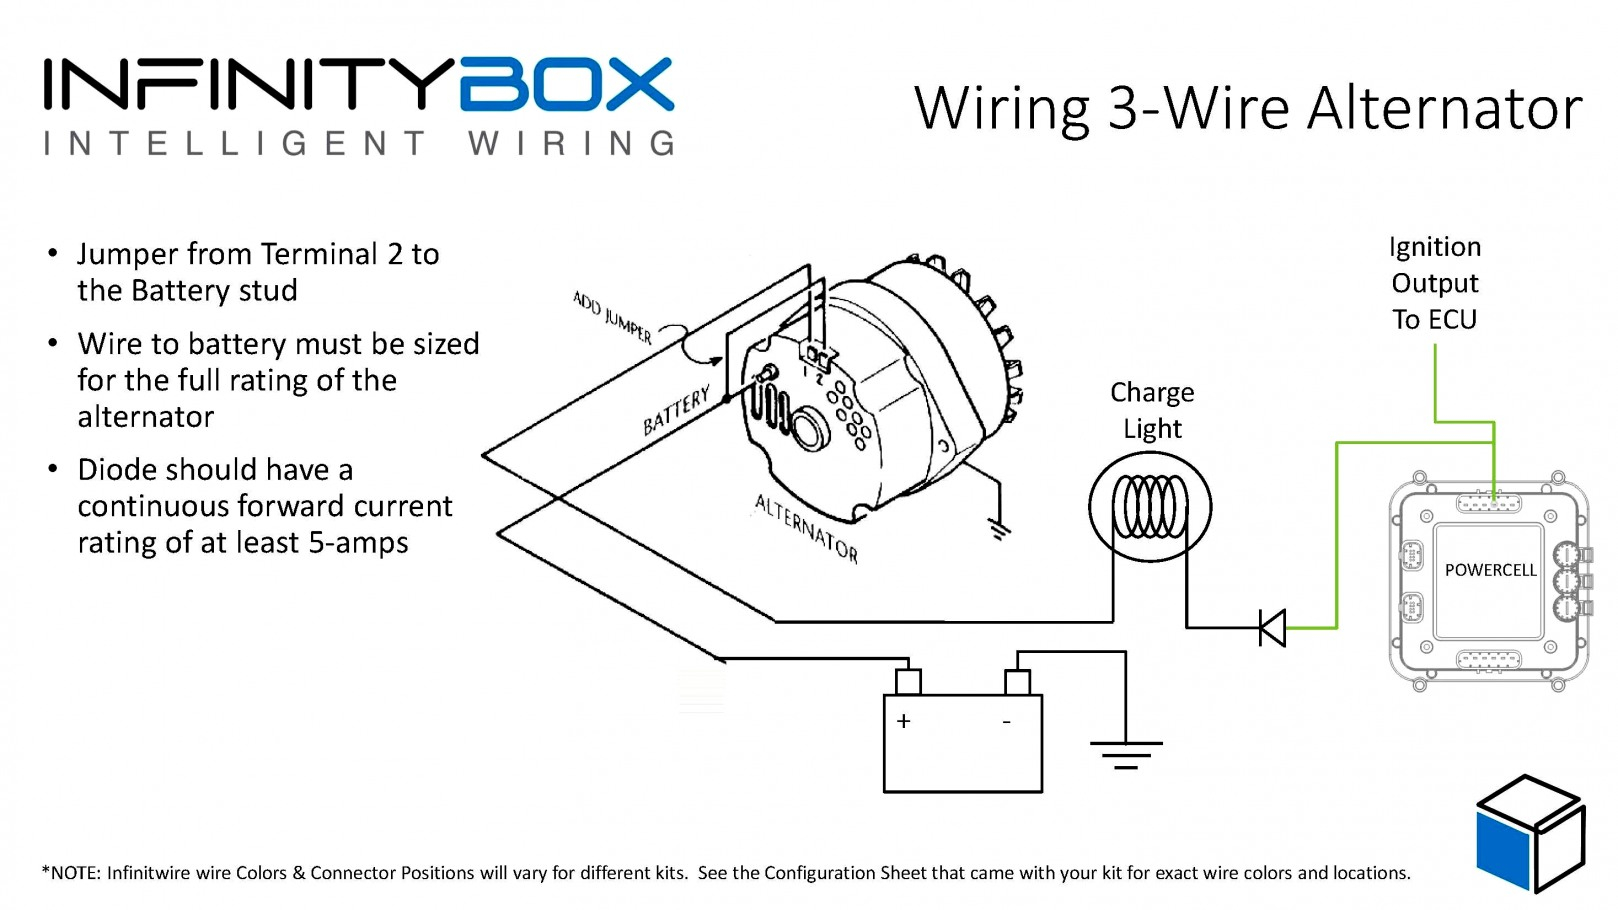 5 Wire Alternator Diagram - Wiring Diagram - Chevy 4 Wire Alternator Wiring Diagram